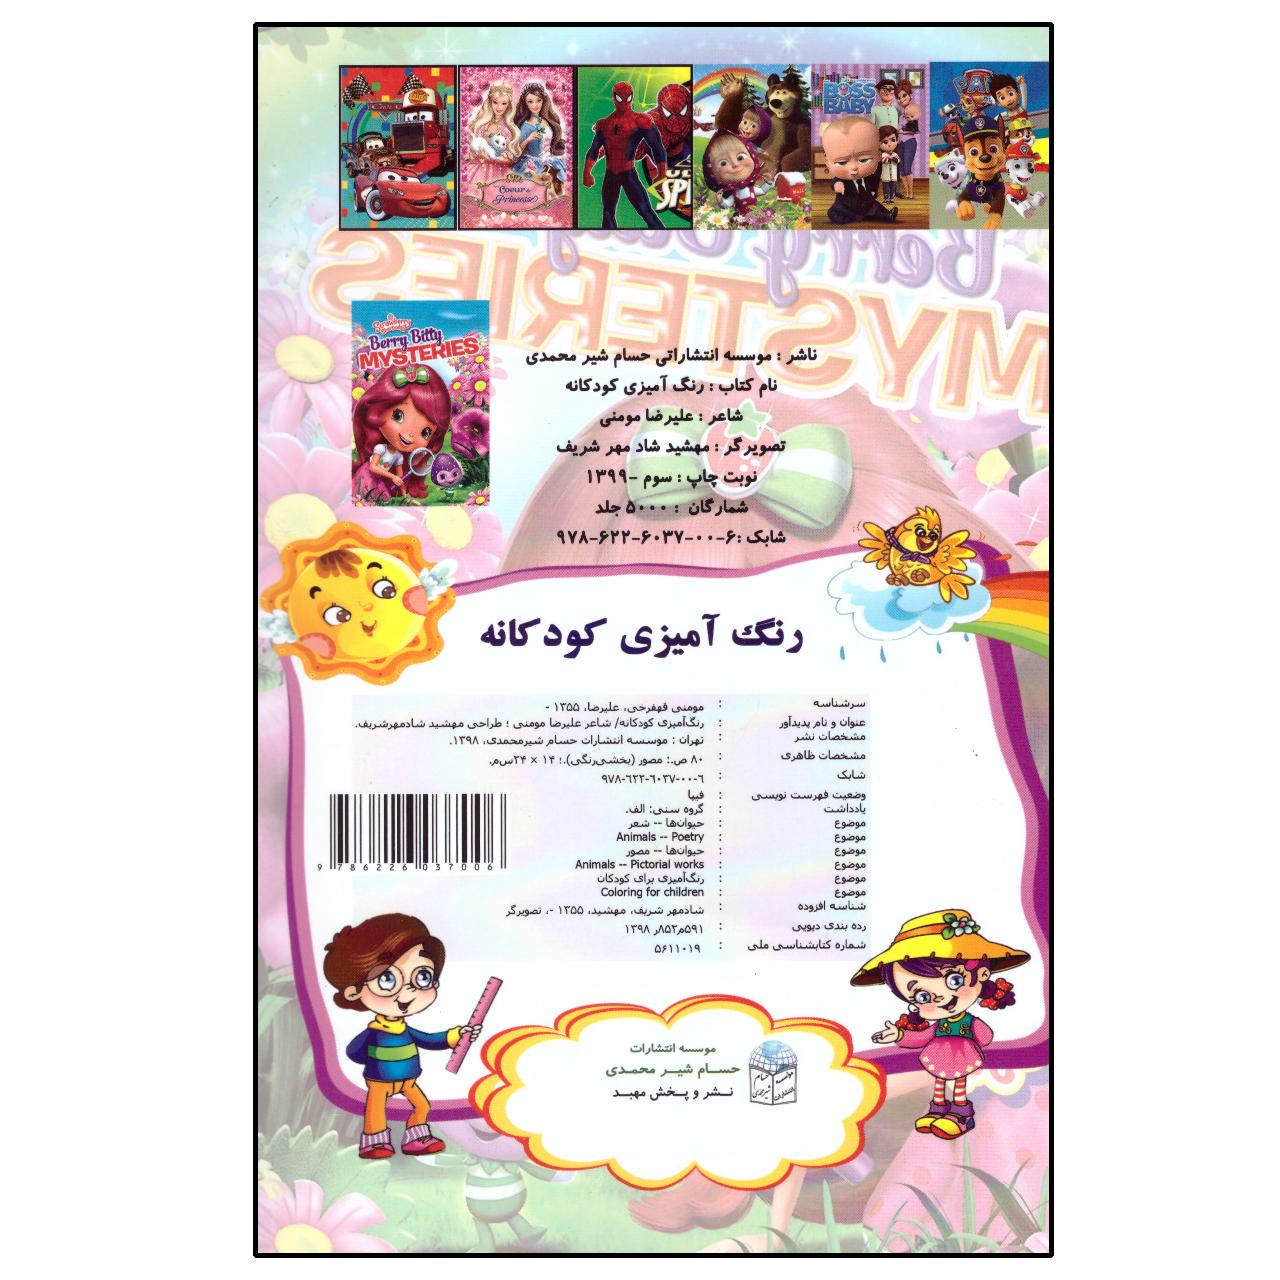 کتاب رنگ آمیزی کودکانه اثر علیرضا مومنی انتشارات شیرمحمدی